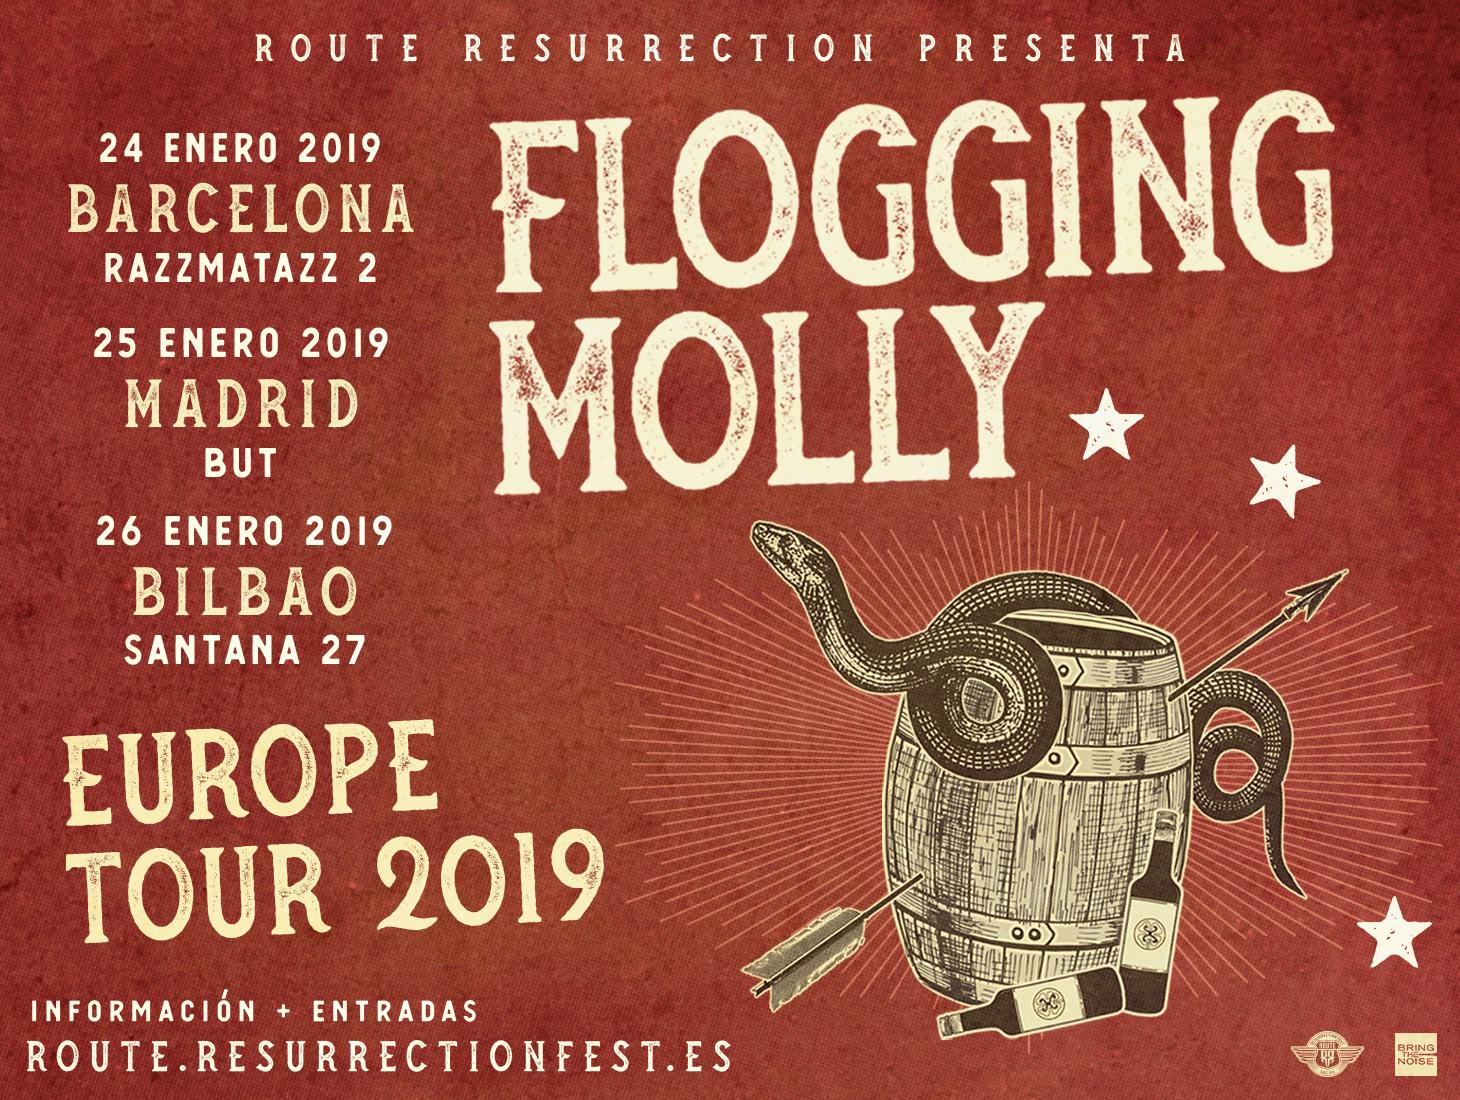 gira-2019-flogging-molly-en-barcelona-5b